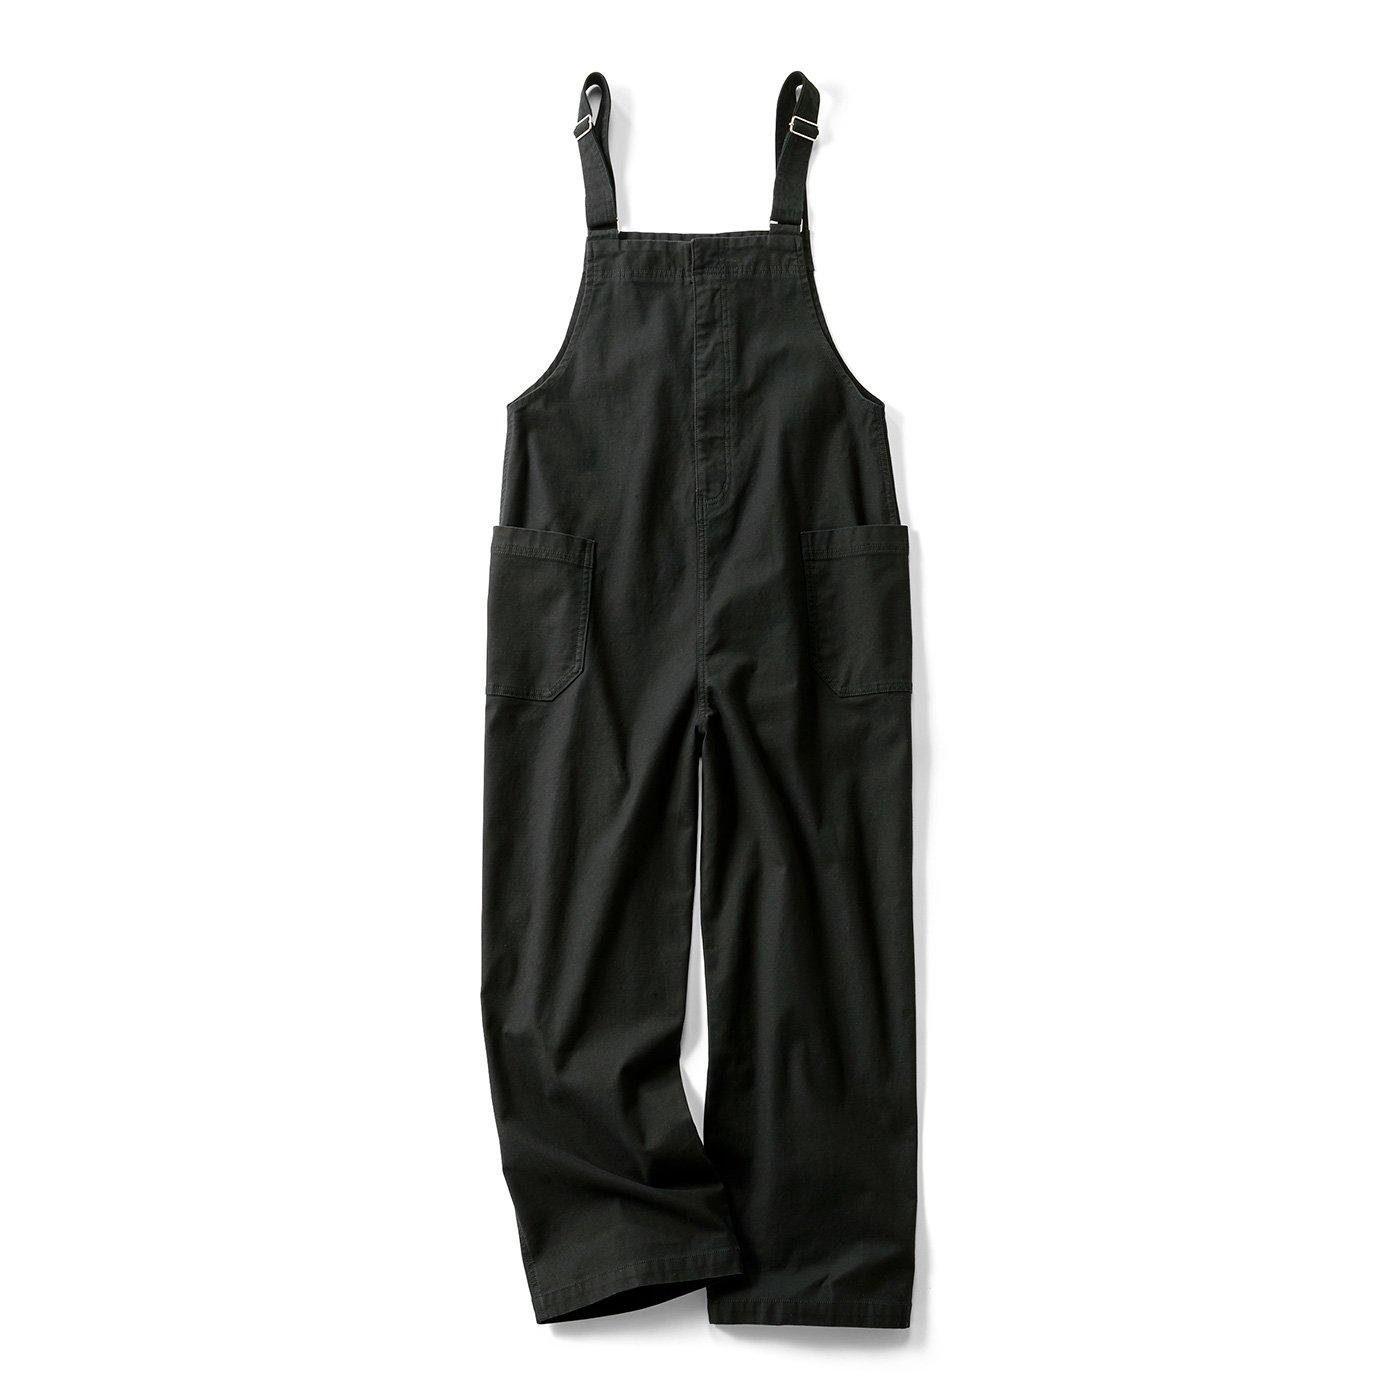 【3~10日でお届け】リブ イン コンフォート ワンピース感覚で着られる 大人のカジュアルサロペット〈ブラック〉